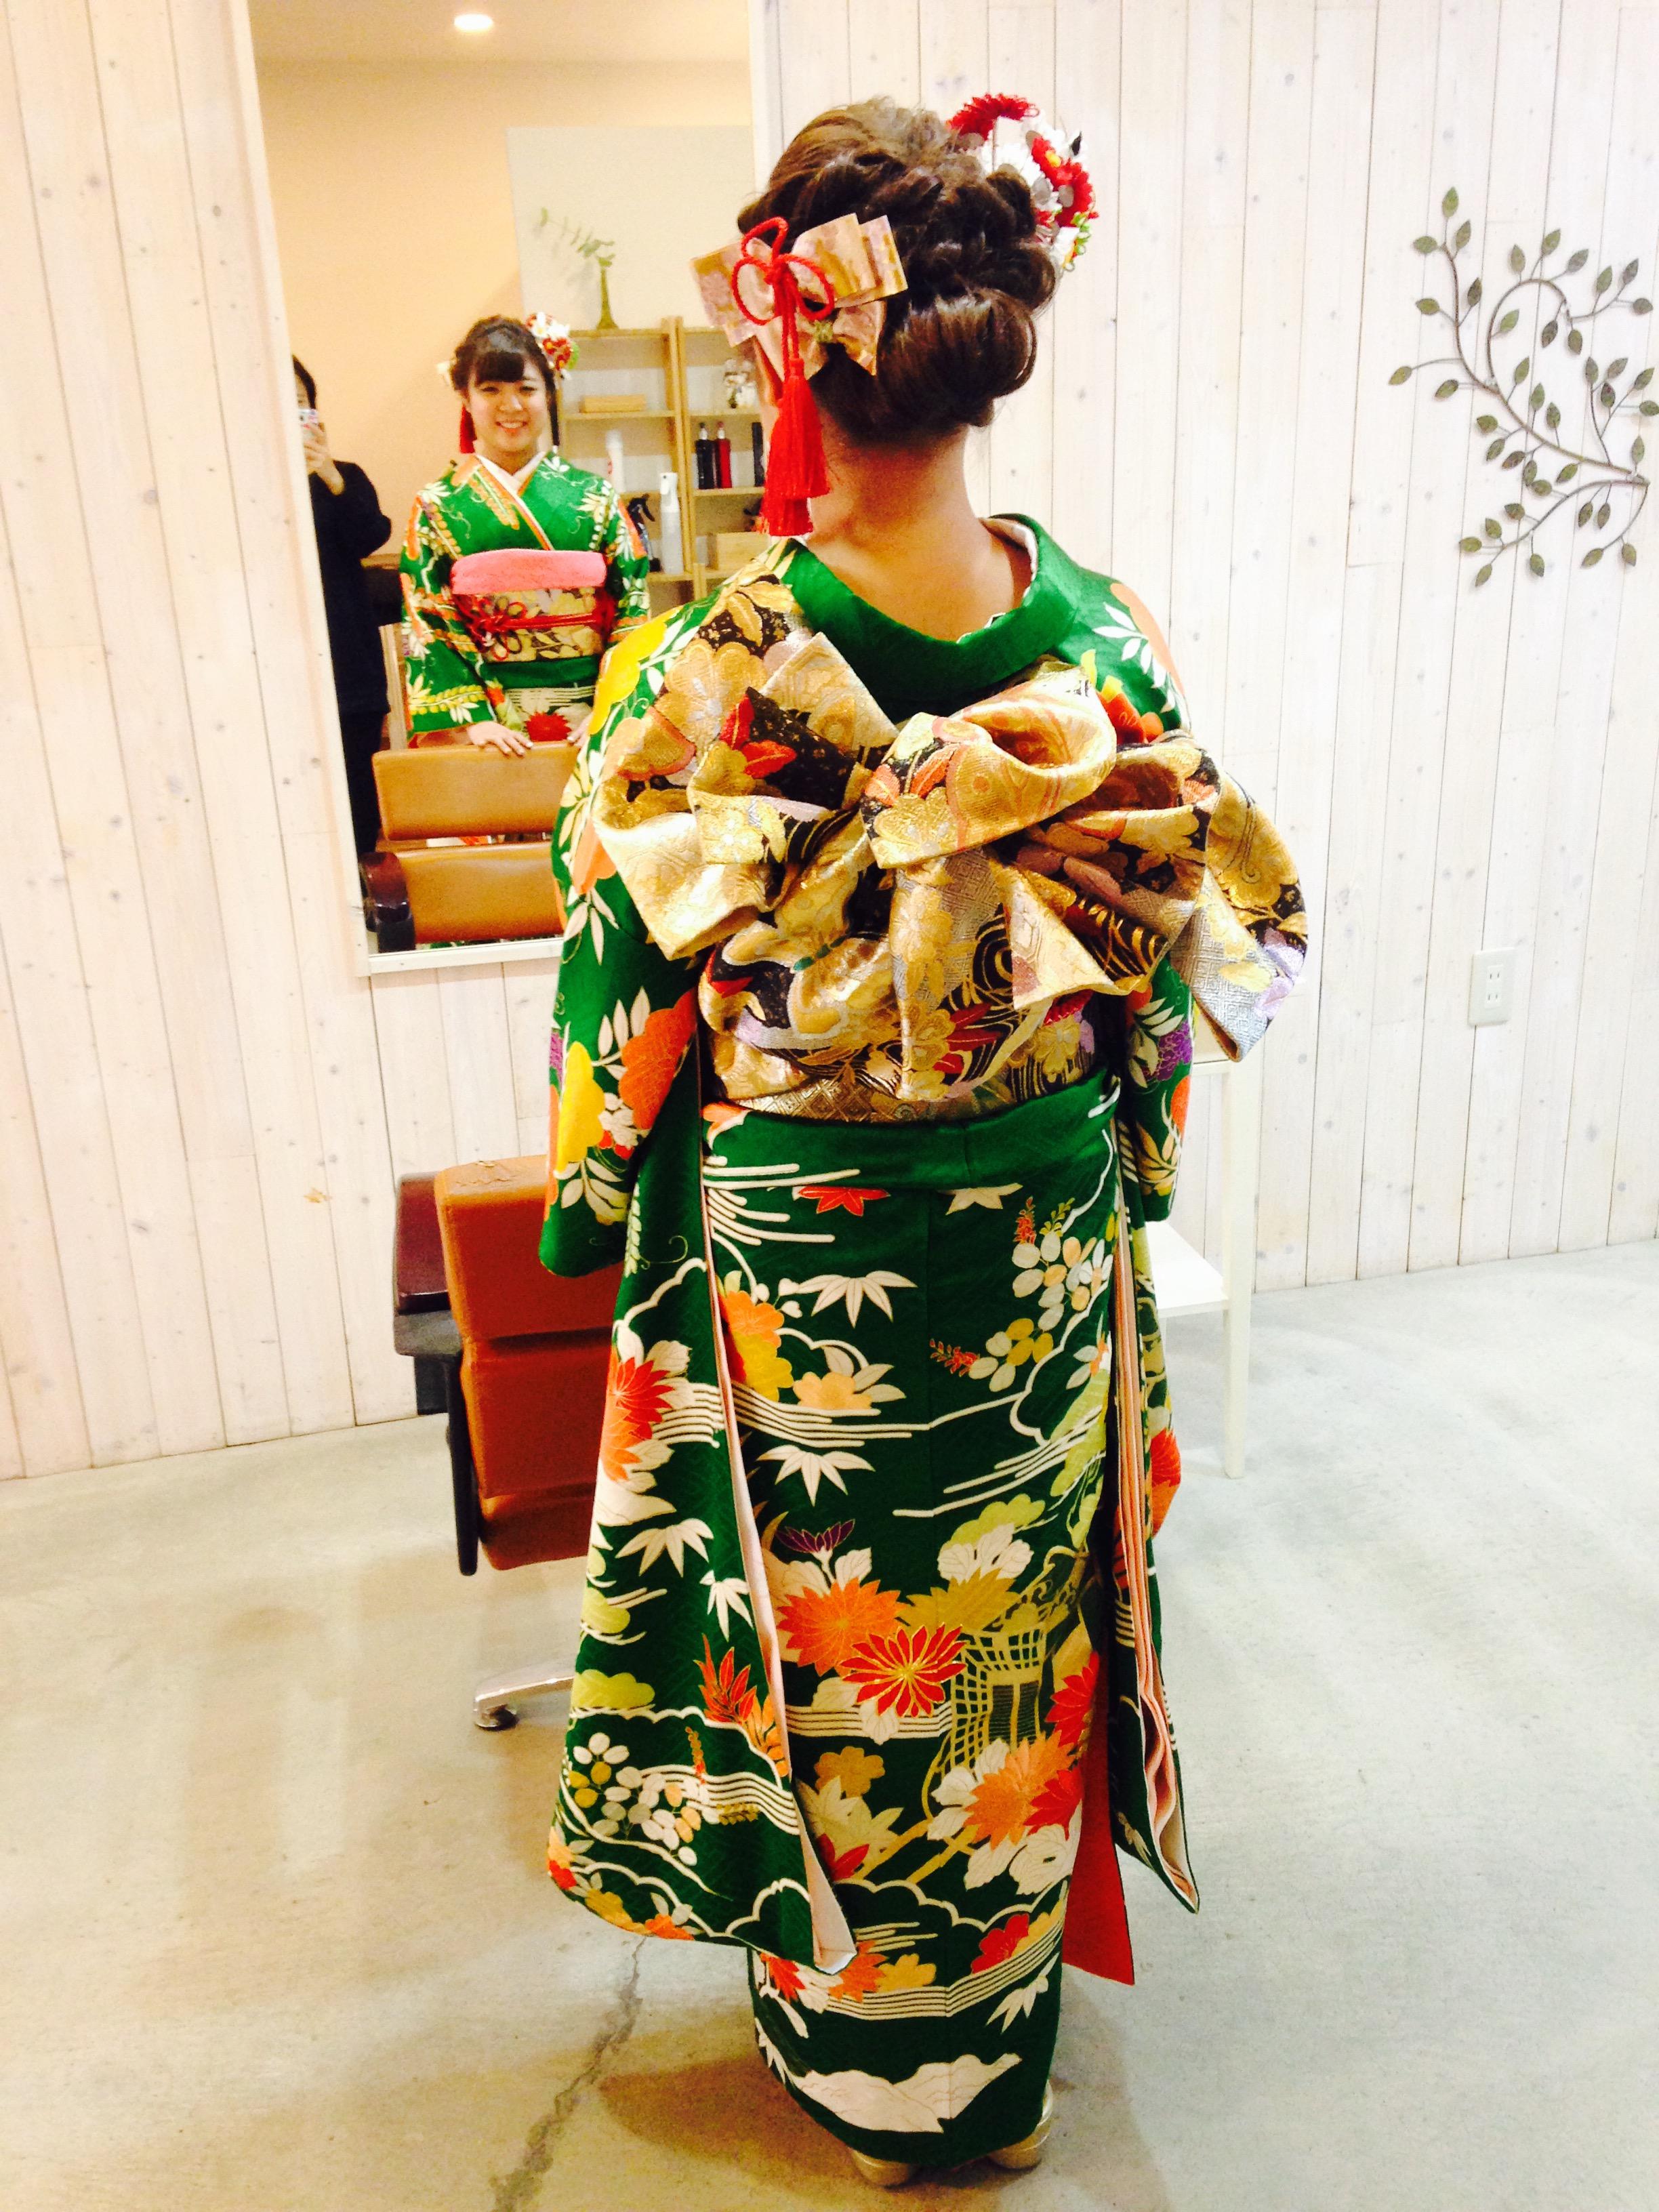 成人式の可愛いお嬢様のお着付け/大阪の着付け教室きものたまより